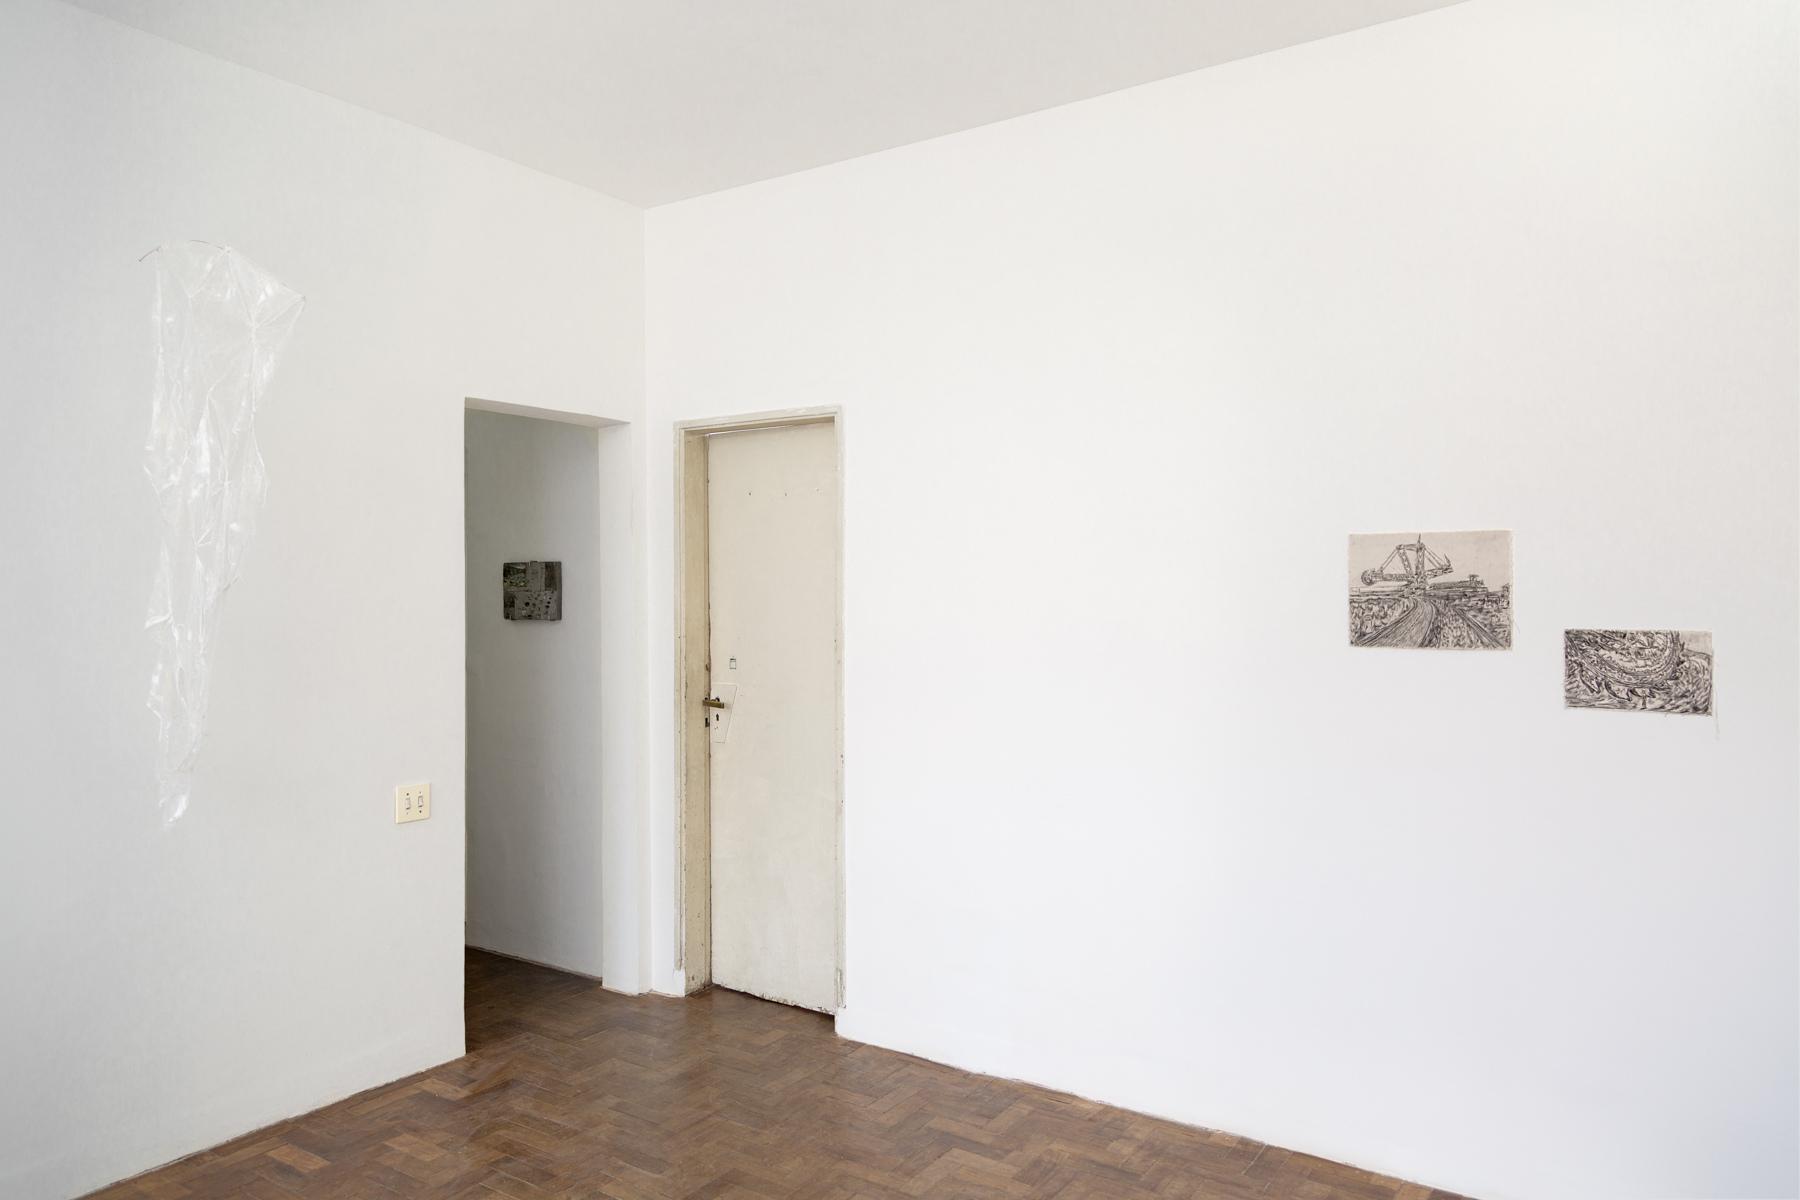 28 Observatório - Hipótese e Horizonte - Vista da exposição